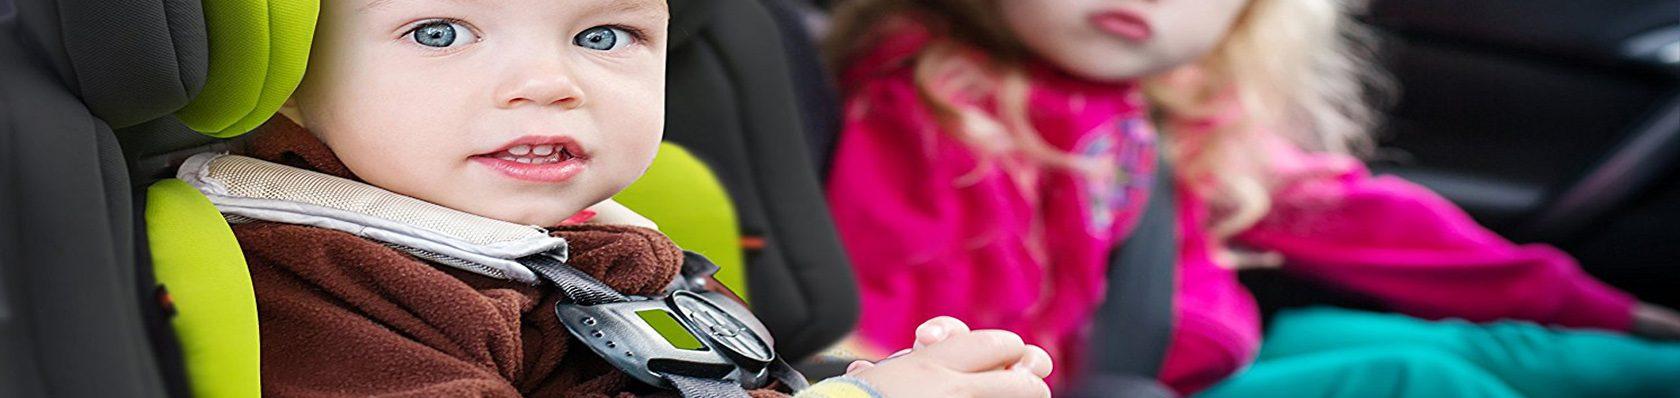 Kindersitze der Gruppe 1 im Test auf ExpertenTesten.de